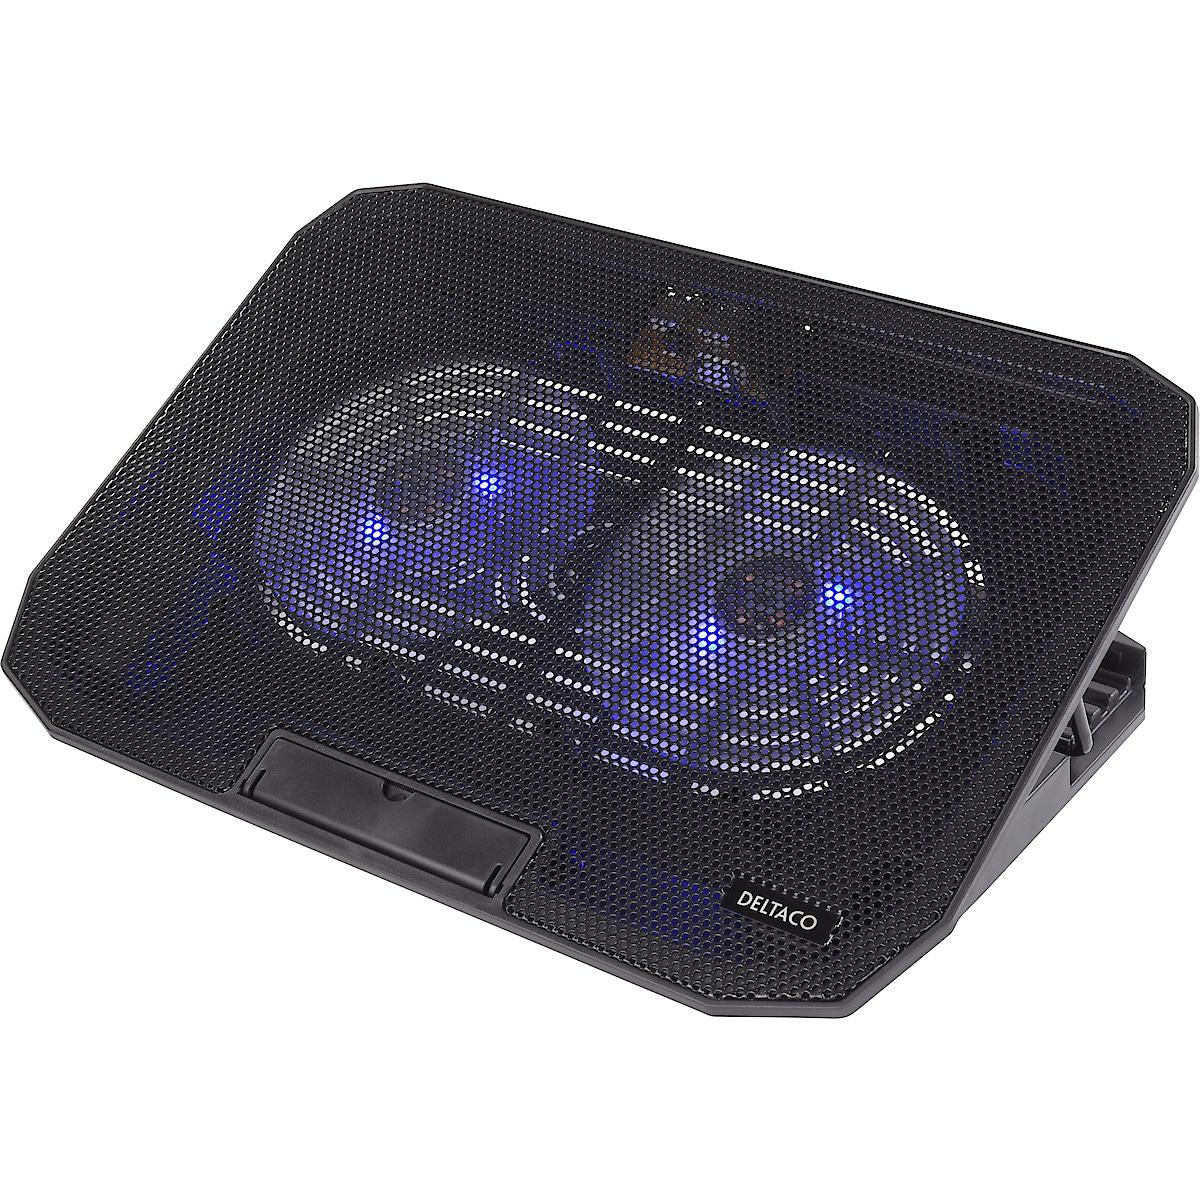 Laptopställ med fläktkylning, Deltaco LTC-100